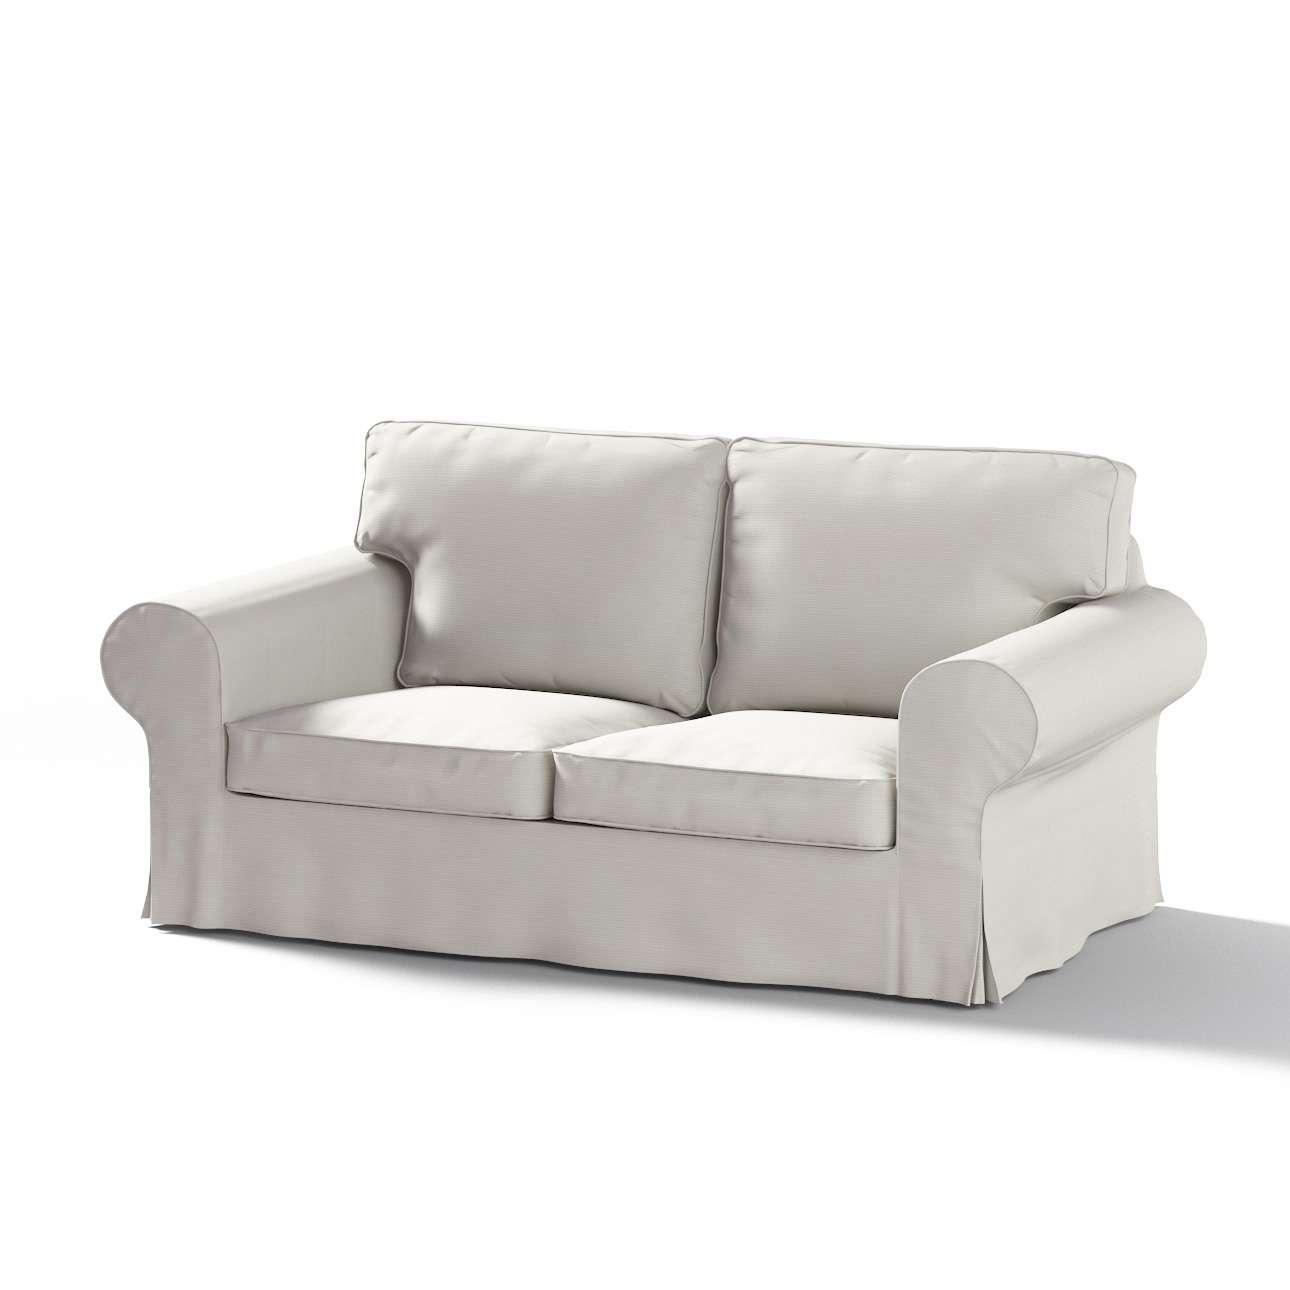 Ektorp trekk 2 seter sovesofa gammel model<br/>Ryggbredde ca 195cm fra kolleksjonen Cotton Panama, Stoffets bredde: 702-31